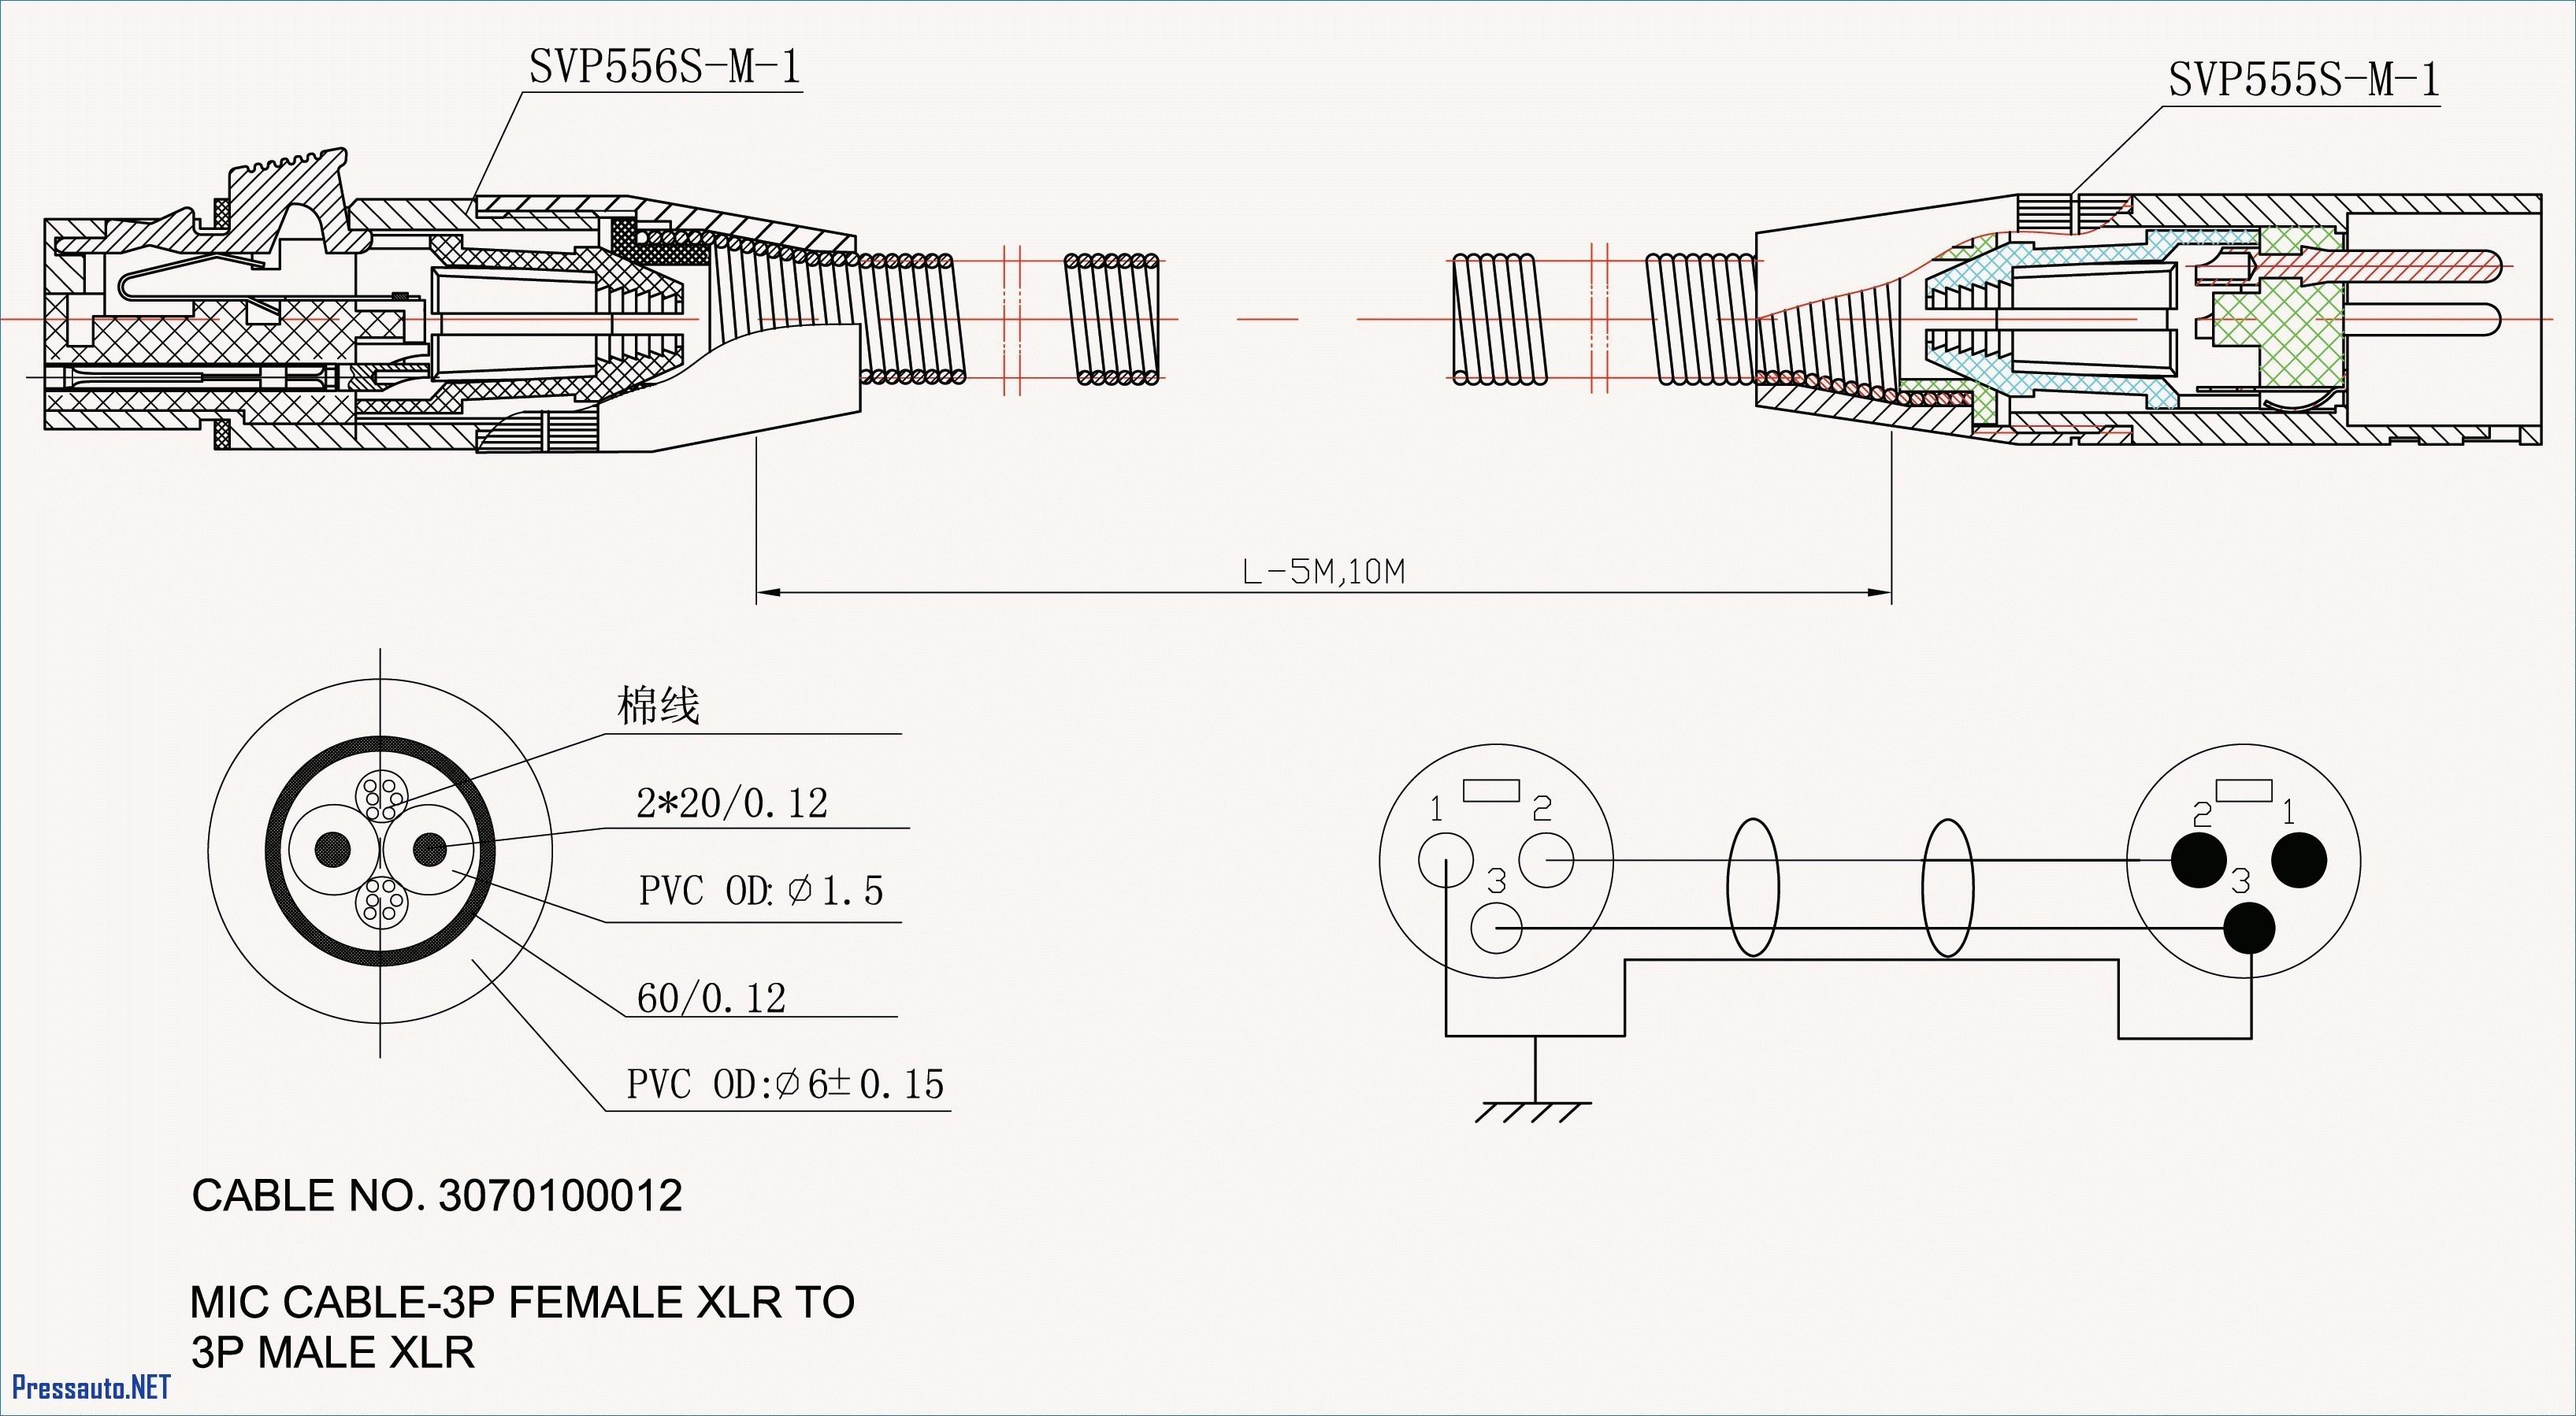 2005 Hyundai Elantra Engine Diagram 27dd7d Wire Diagram Allis Chalmers B12 Of 2005 Hyundai Elantra Engine Diagram